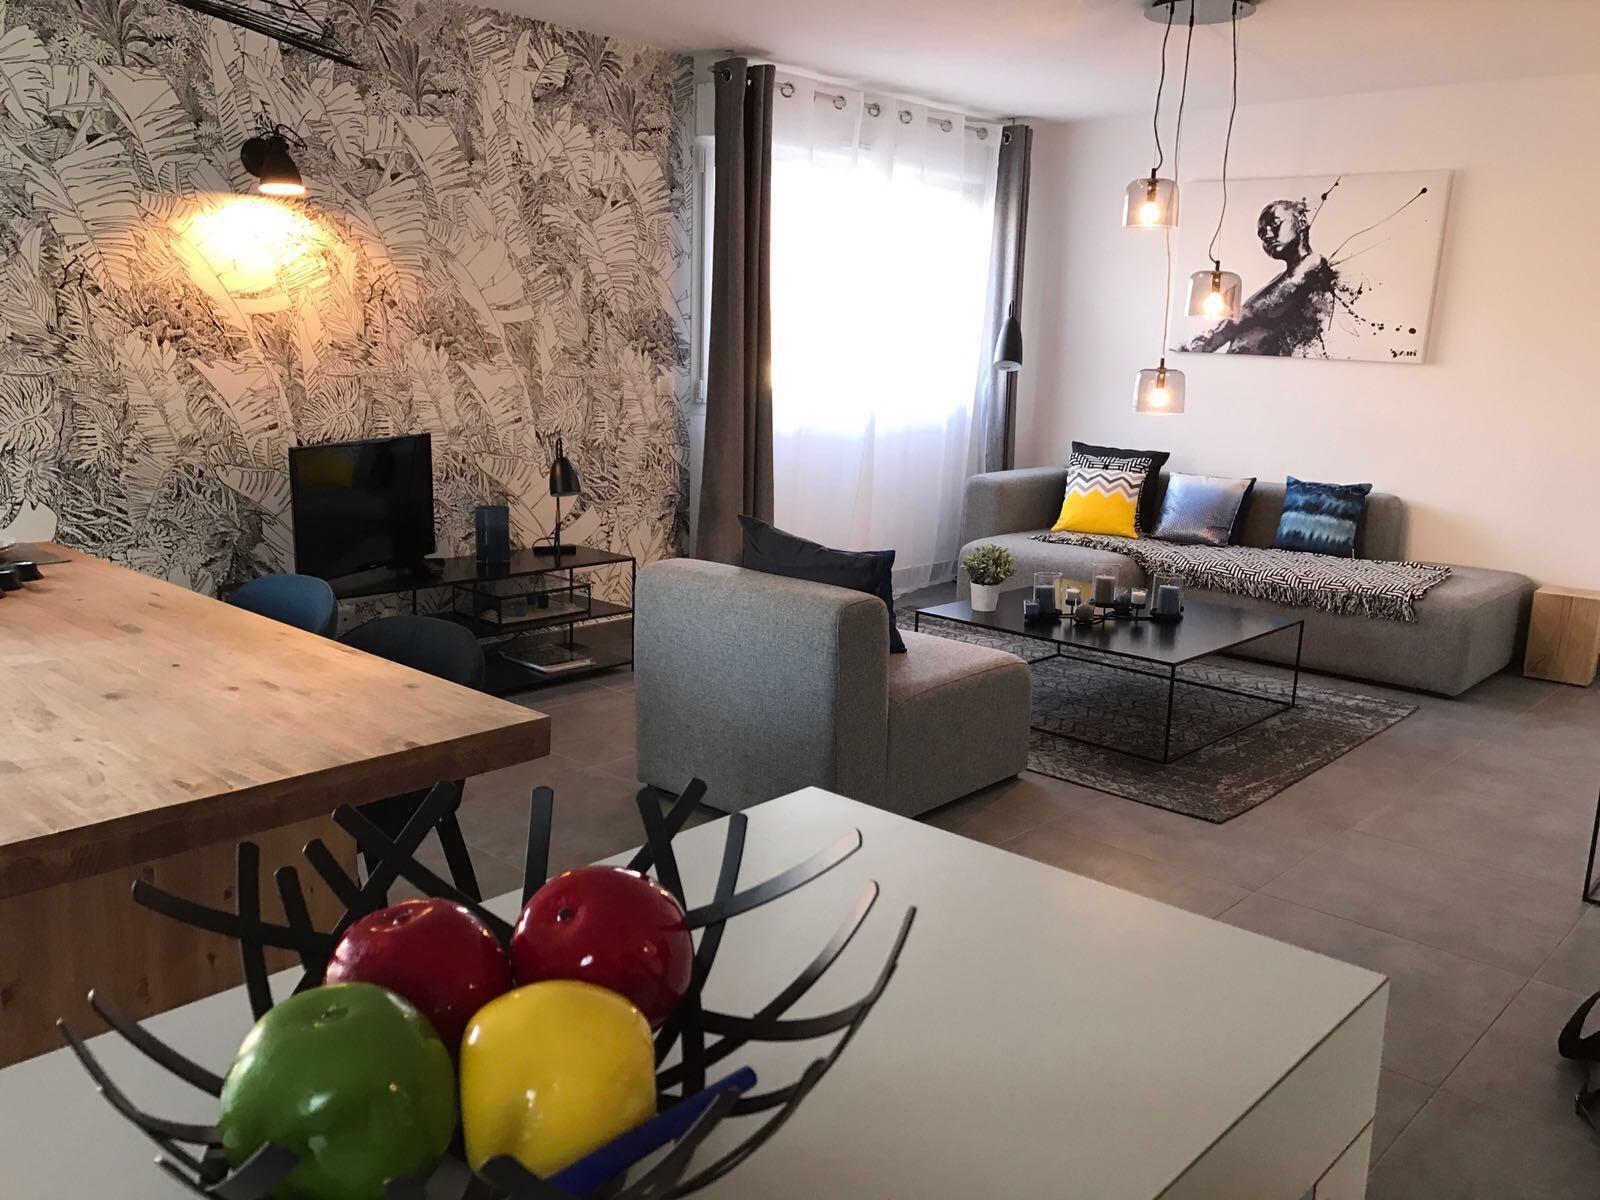 N685 TN3-AppartementT3 Neuf 65 m2 - Le Vieux Seynod